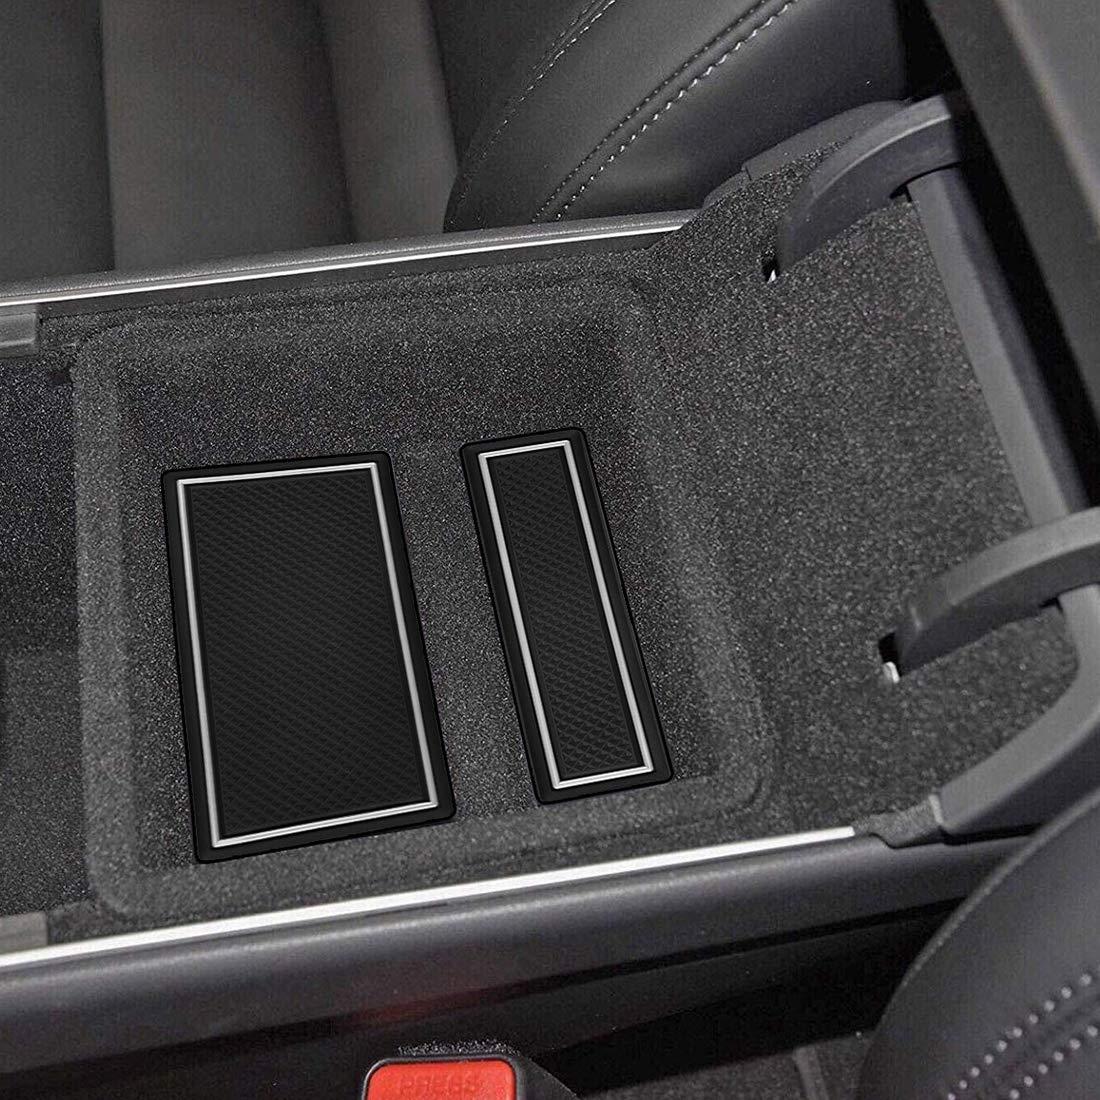 borde blanco Accesorios BougeRV Tesla Modelo 3 Accesorios de taza de ajuste personalizado y revestimientos centrales